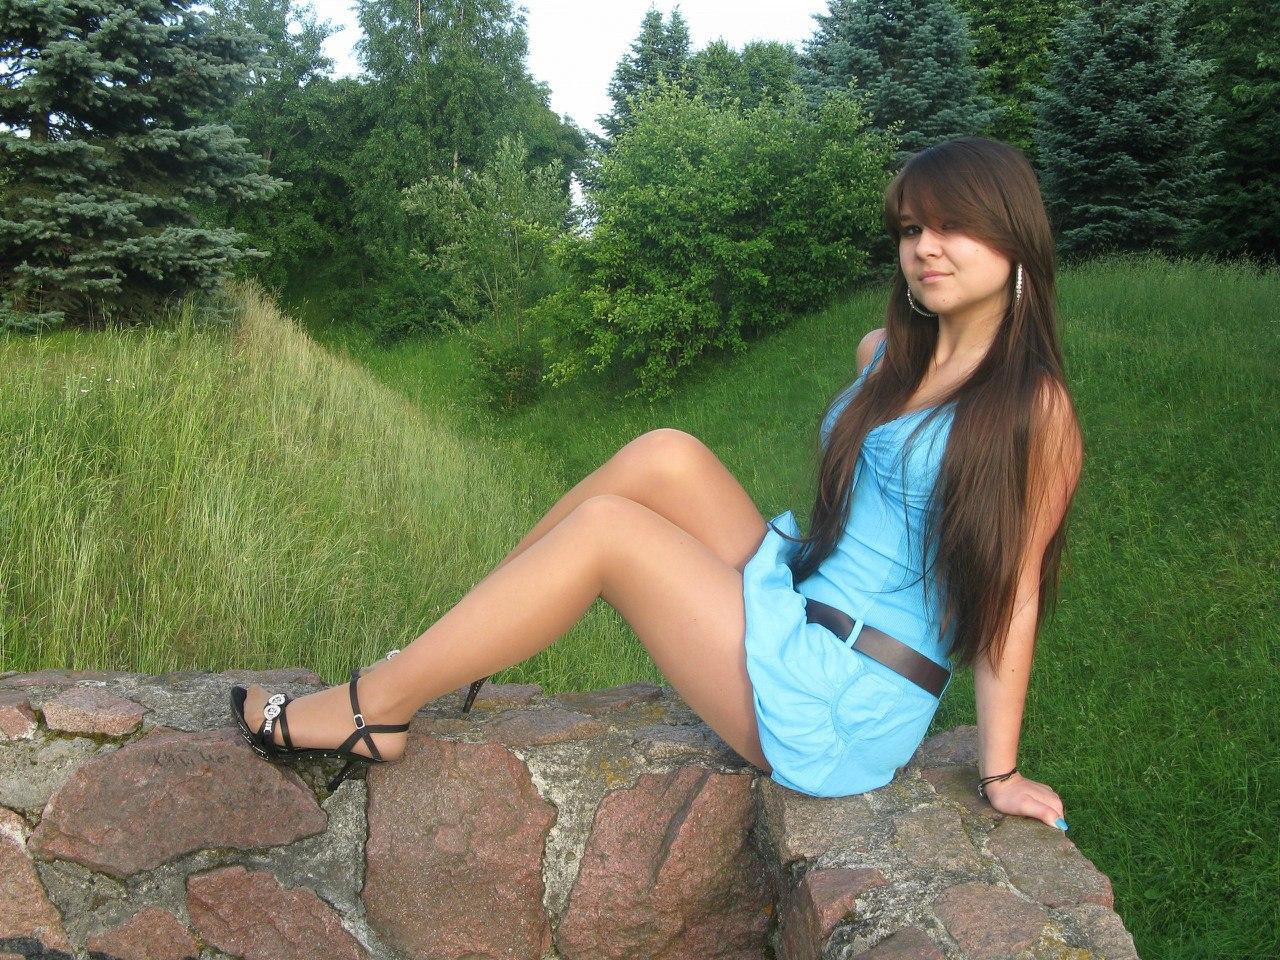 Русские домашние фото из соцсетей, Русские девушки из соц сетей (50 фото) » Триникси 9 фотография